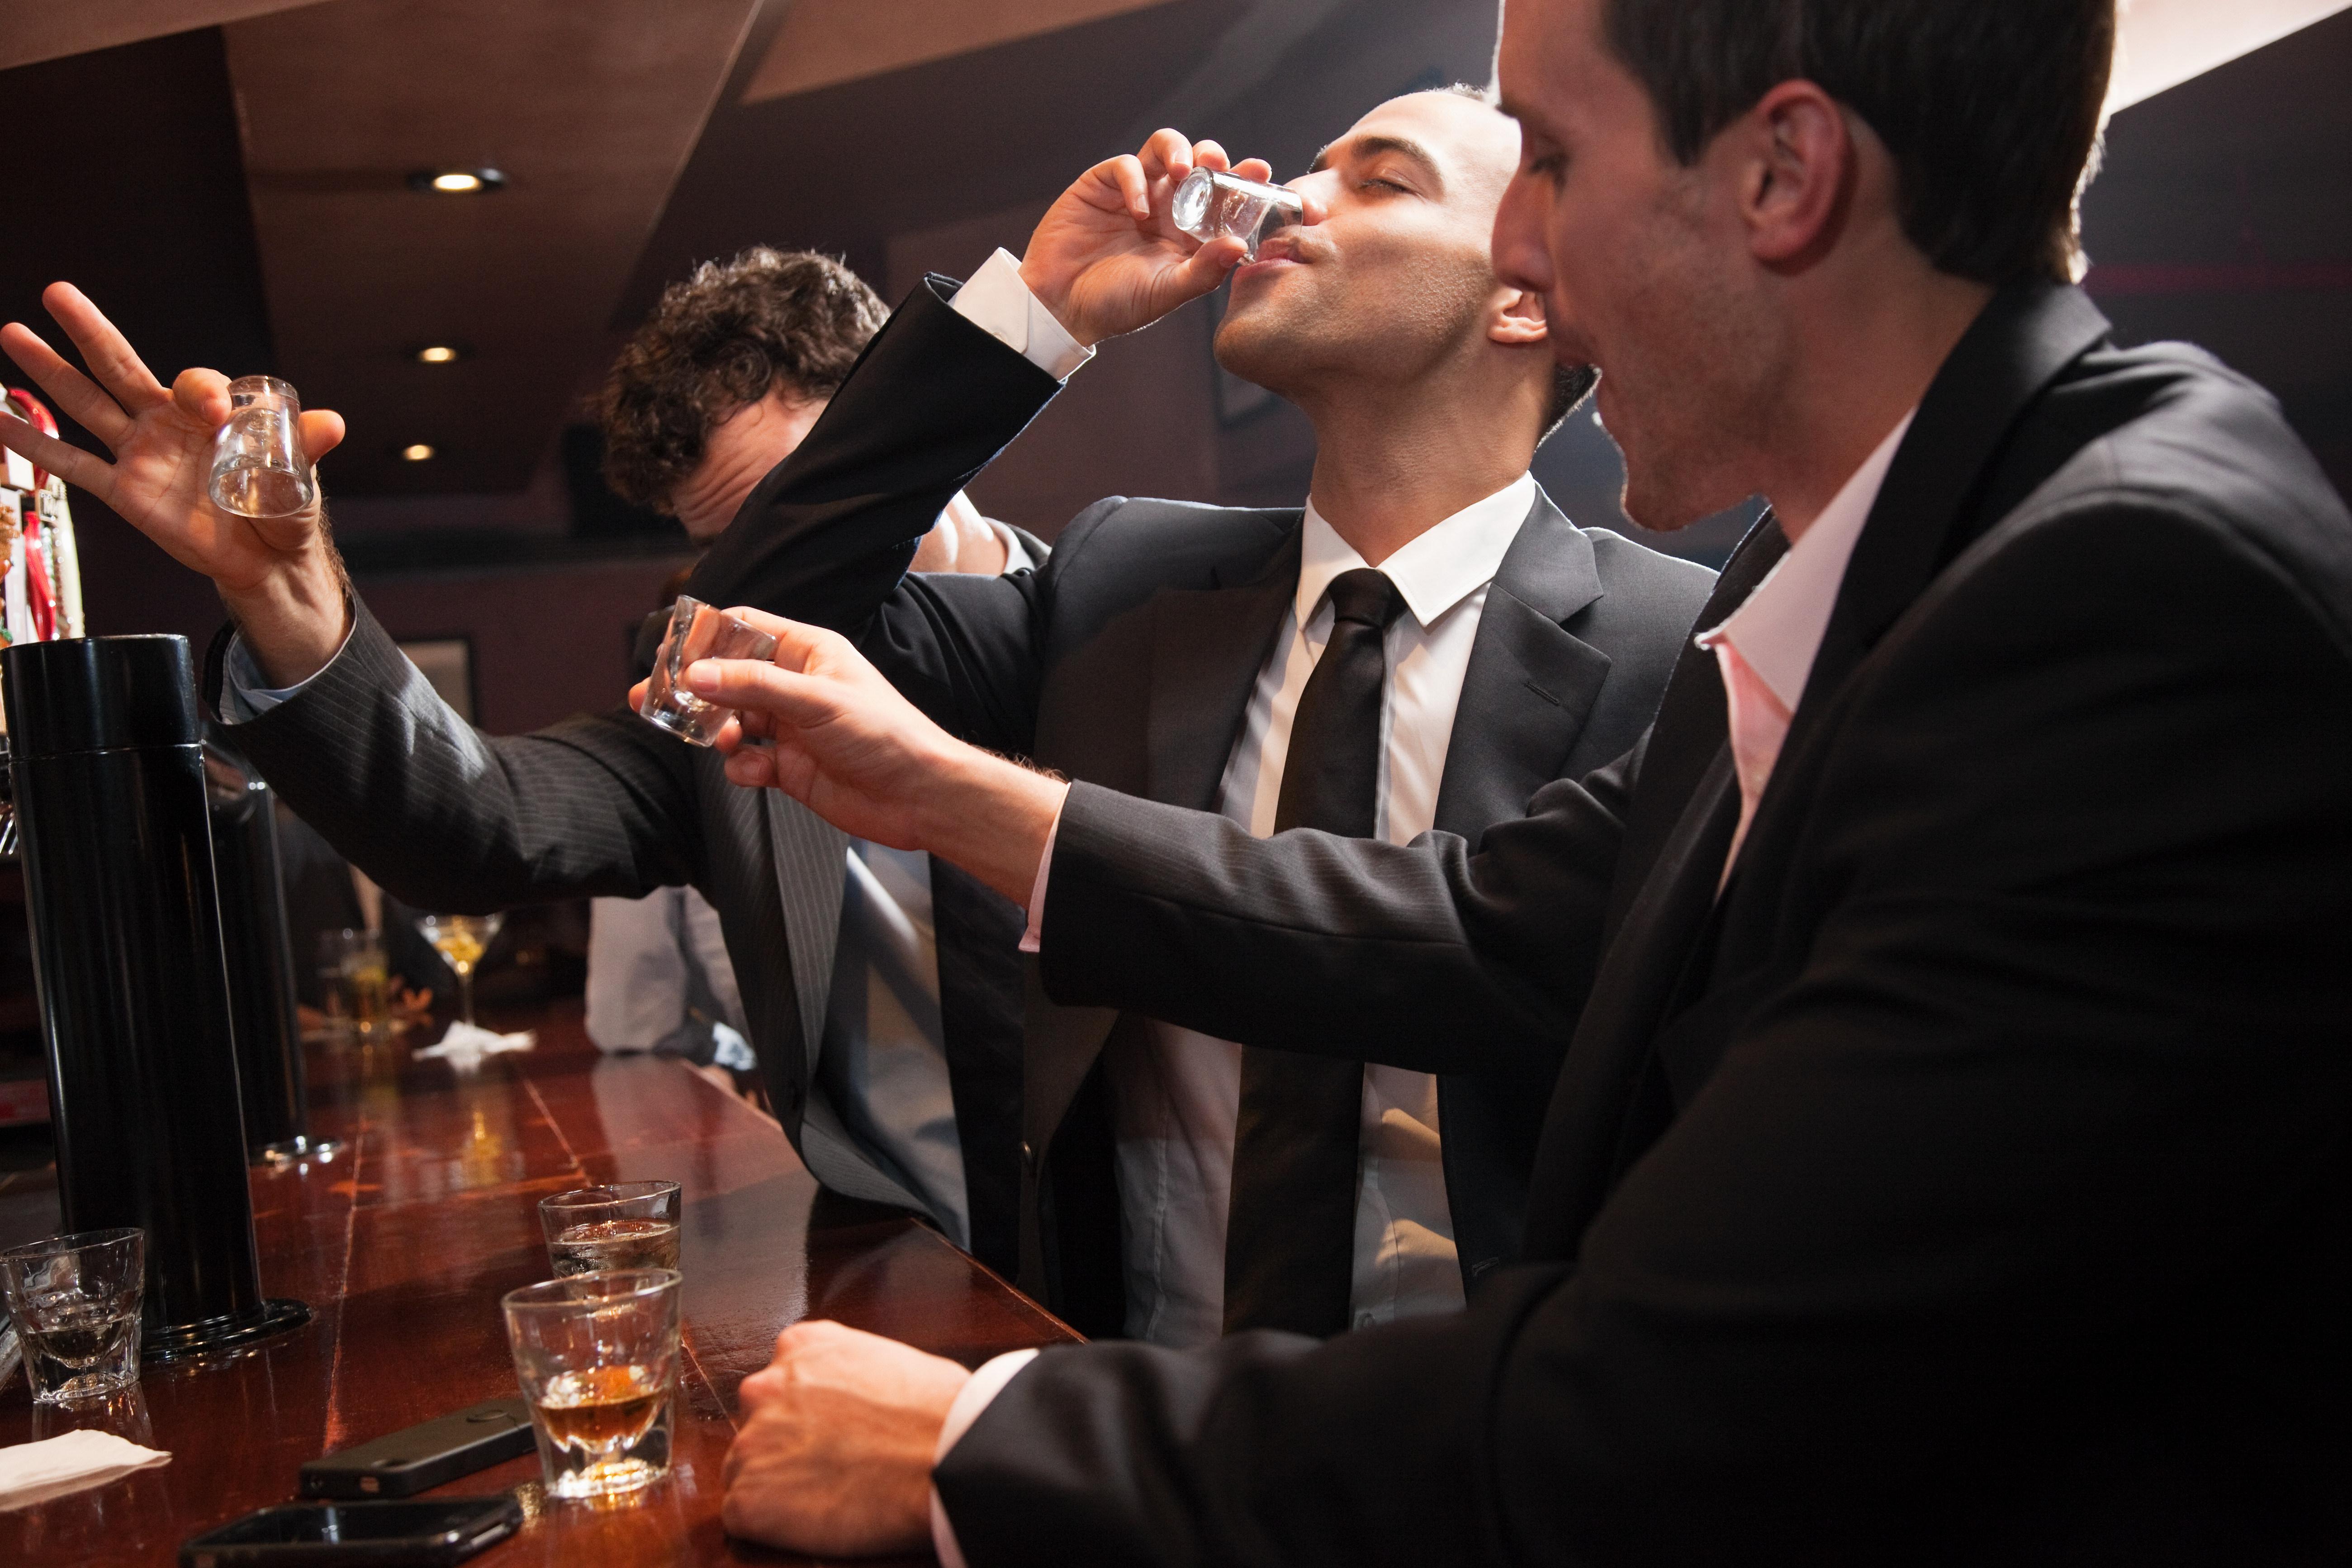 Businessmen drinking shots in bar